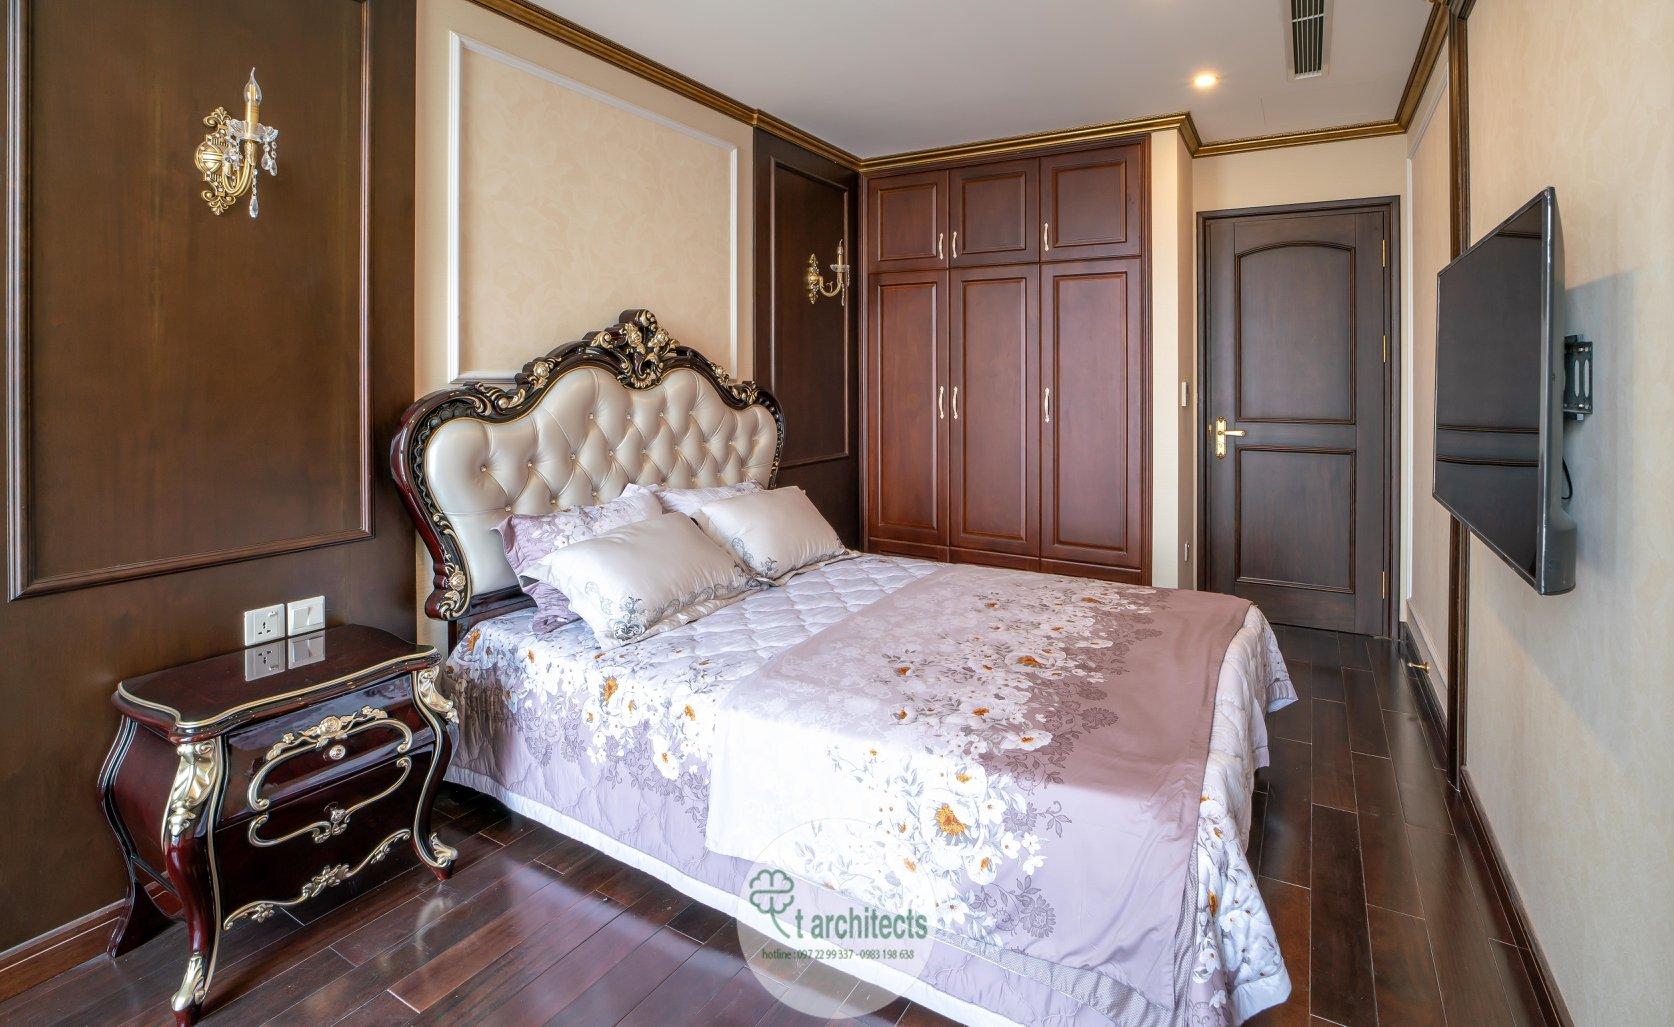 Thiết kế nội thất Chung Cư tại Hà Nội Thiết kế 6 căn hộ mẫu chung cư HC GOLDEN CITY 1589766601 32